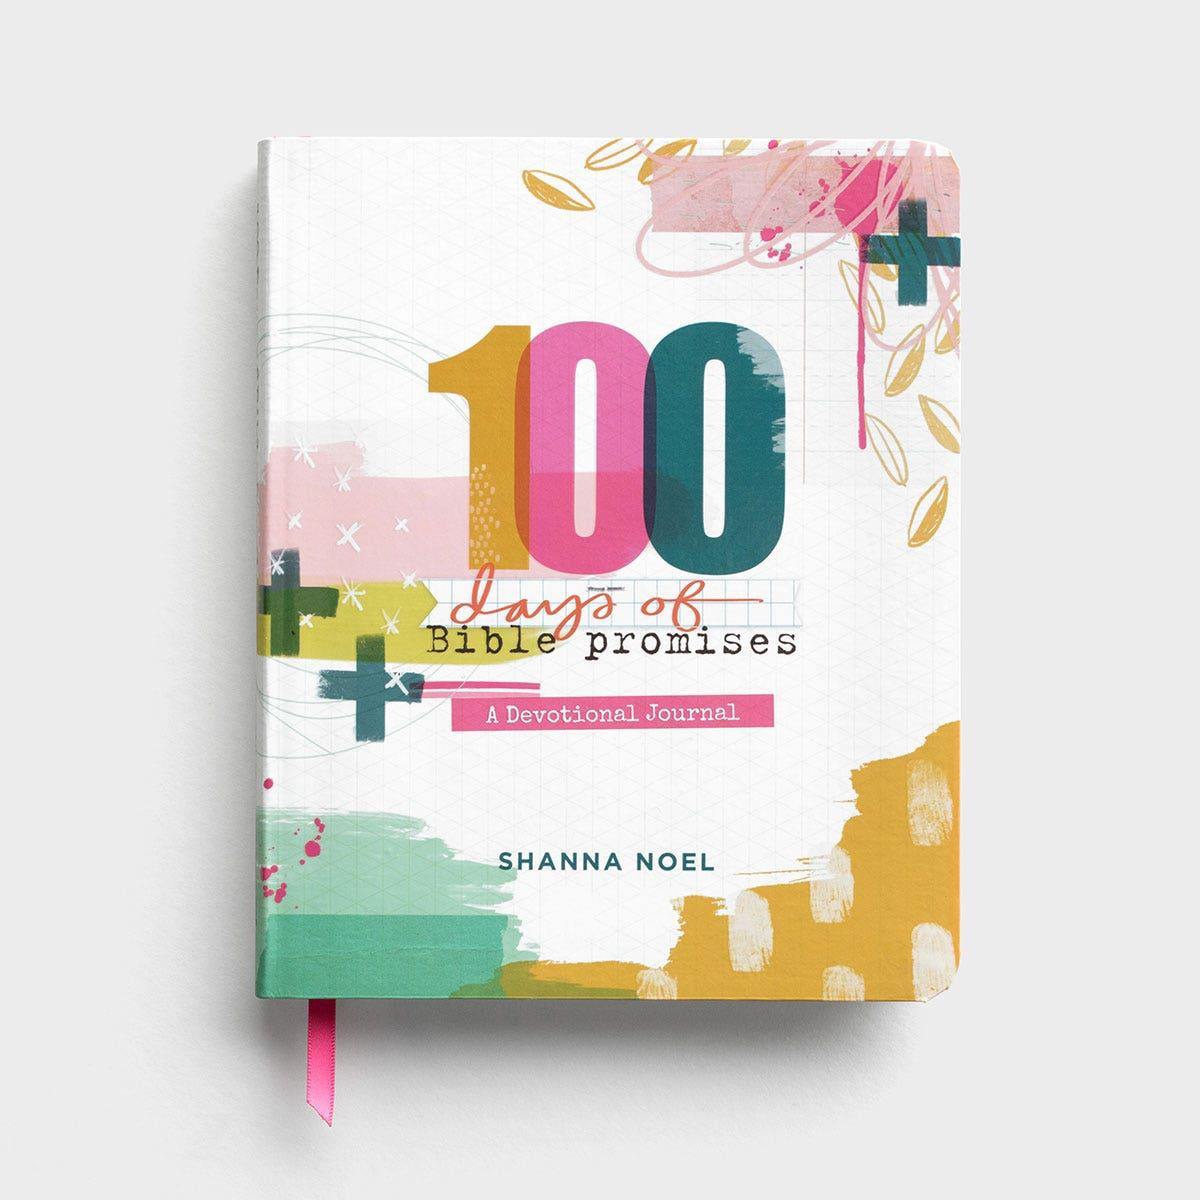 Shanna Noel - 100 Days of Bible Promises - Devotional Journal